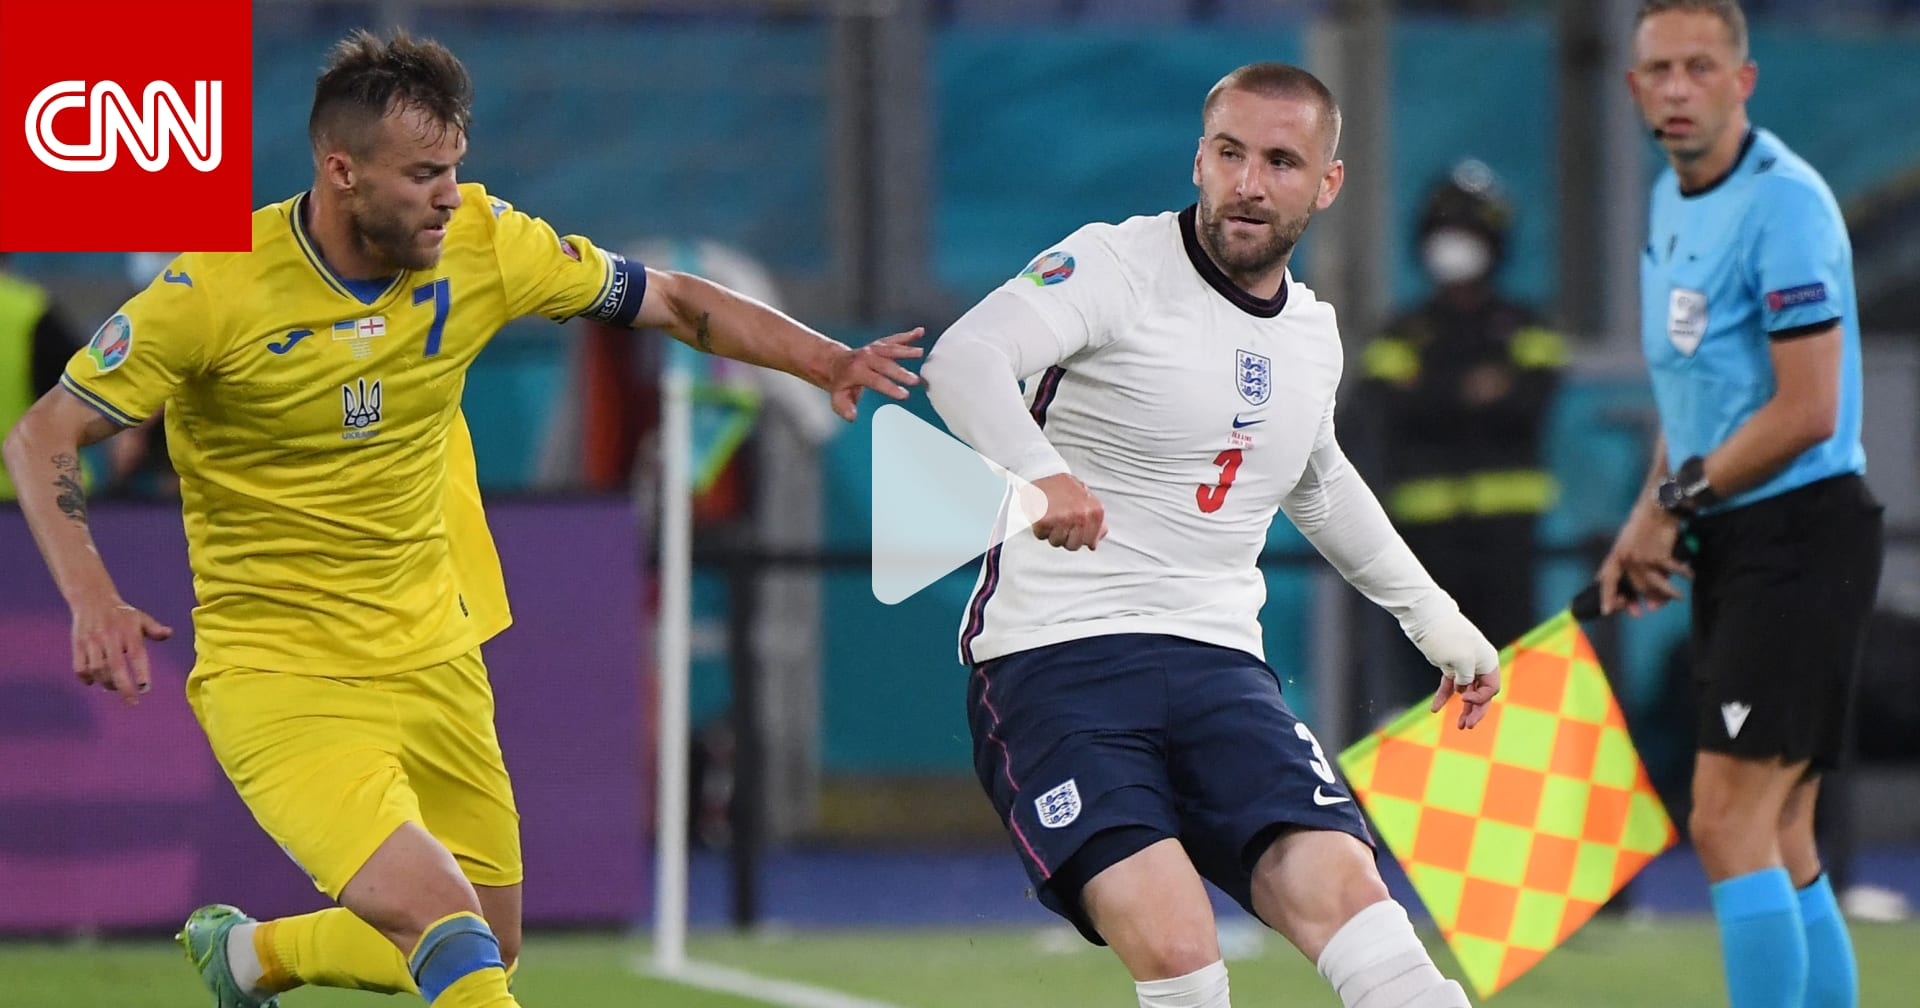 إنجلترا تقسو على أوكرانيا المستسلمة.. وشاو يرد على مورينيو